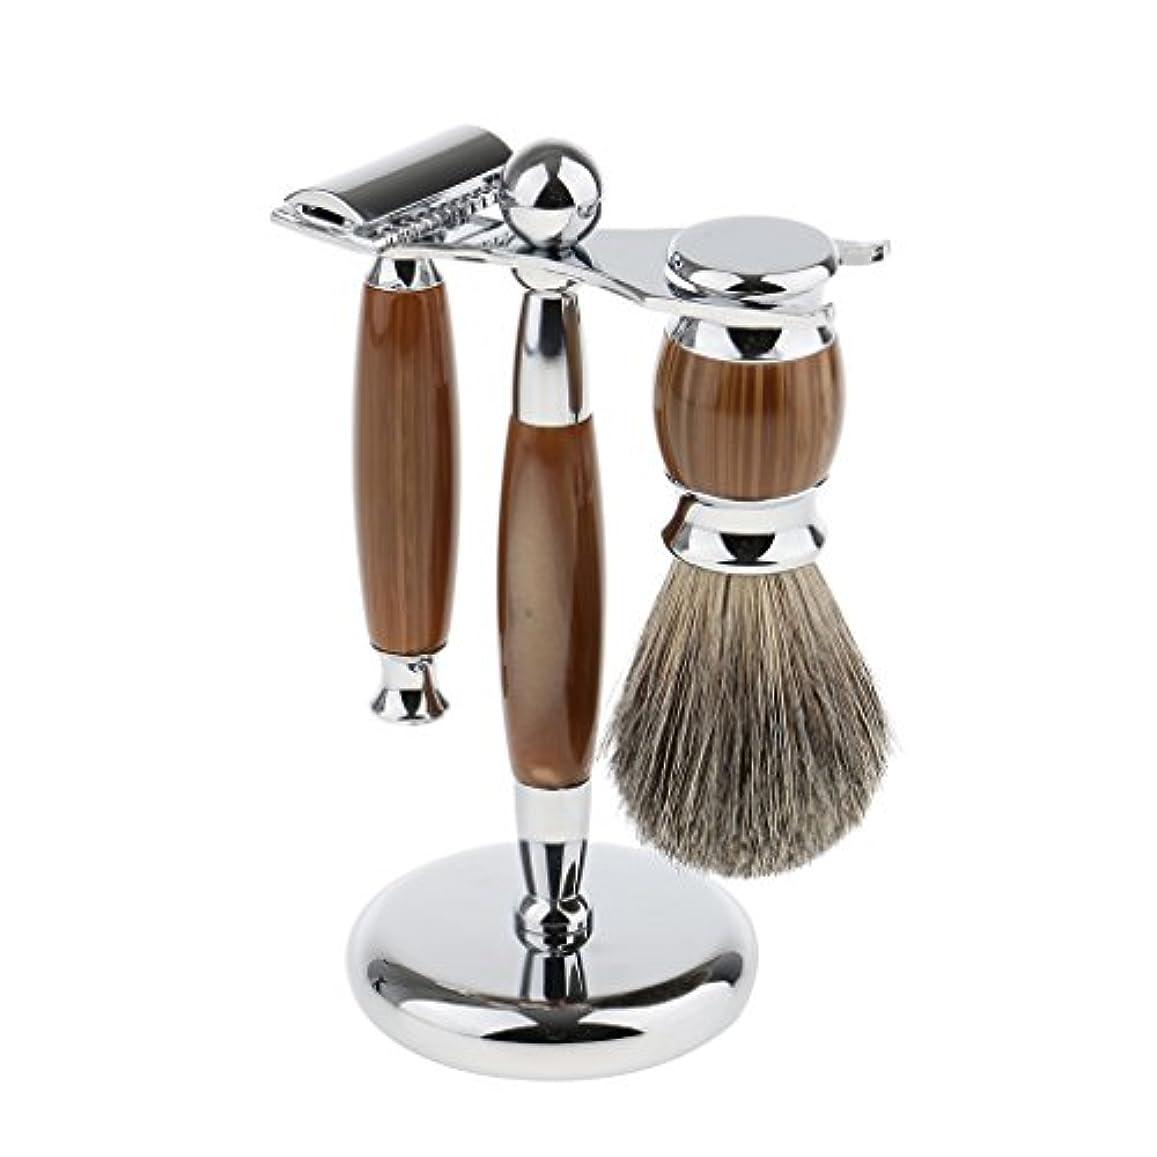 電子非常に怒っています置換Baoblaze 3点入り シェービング スタンド ブラシ マニュアル ダブルエッジ 髭剃り メイク レトロ プレゼント 3色選べ - タイプ3